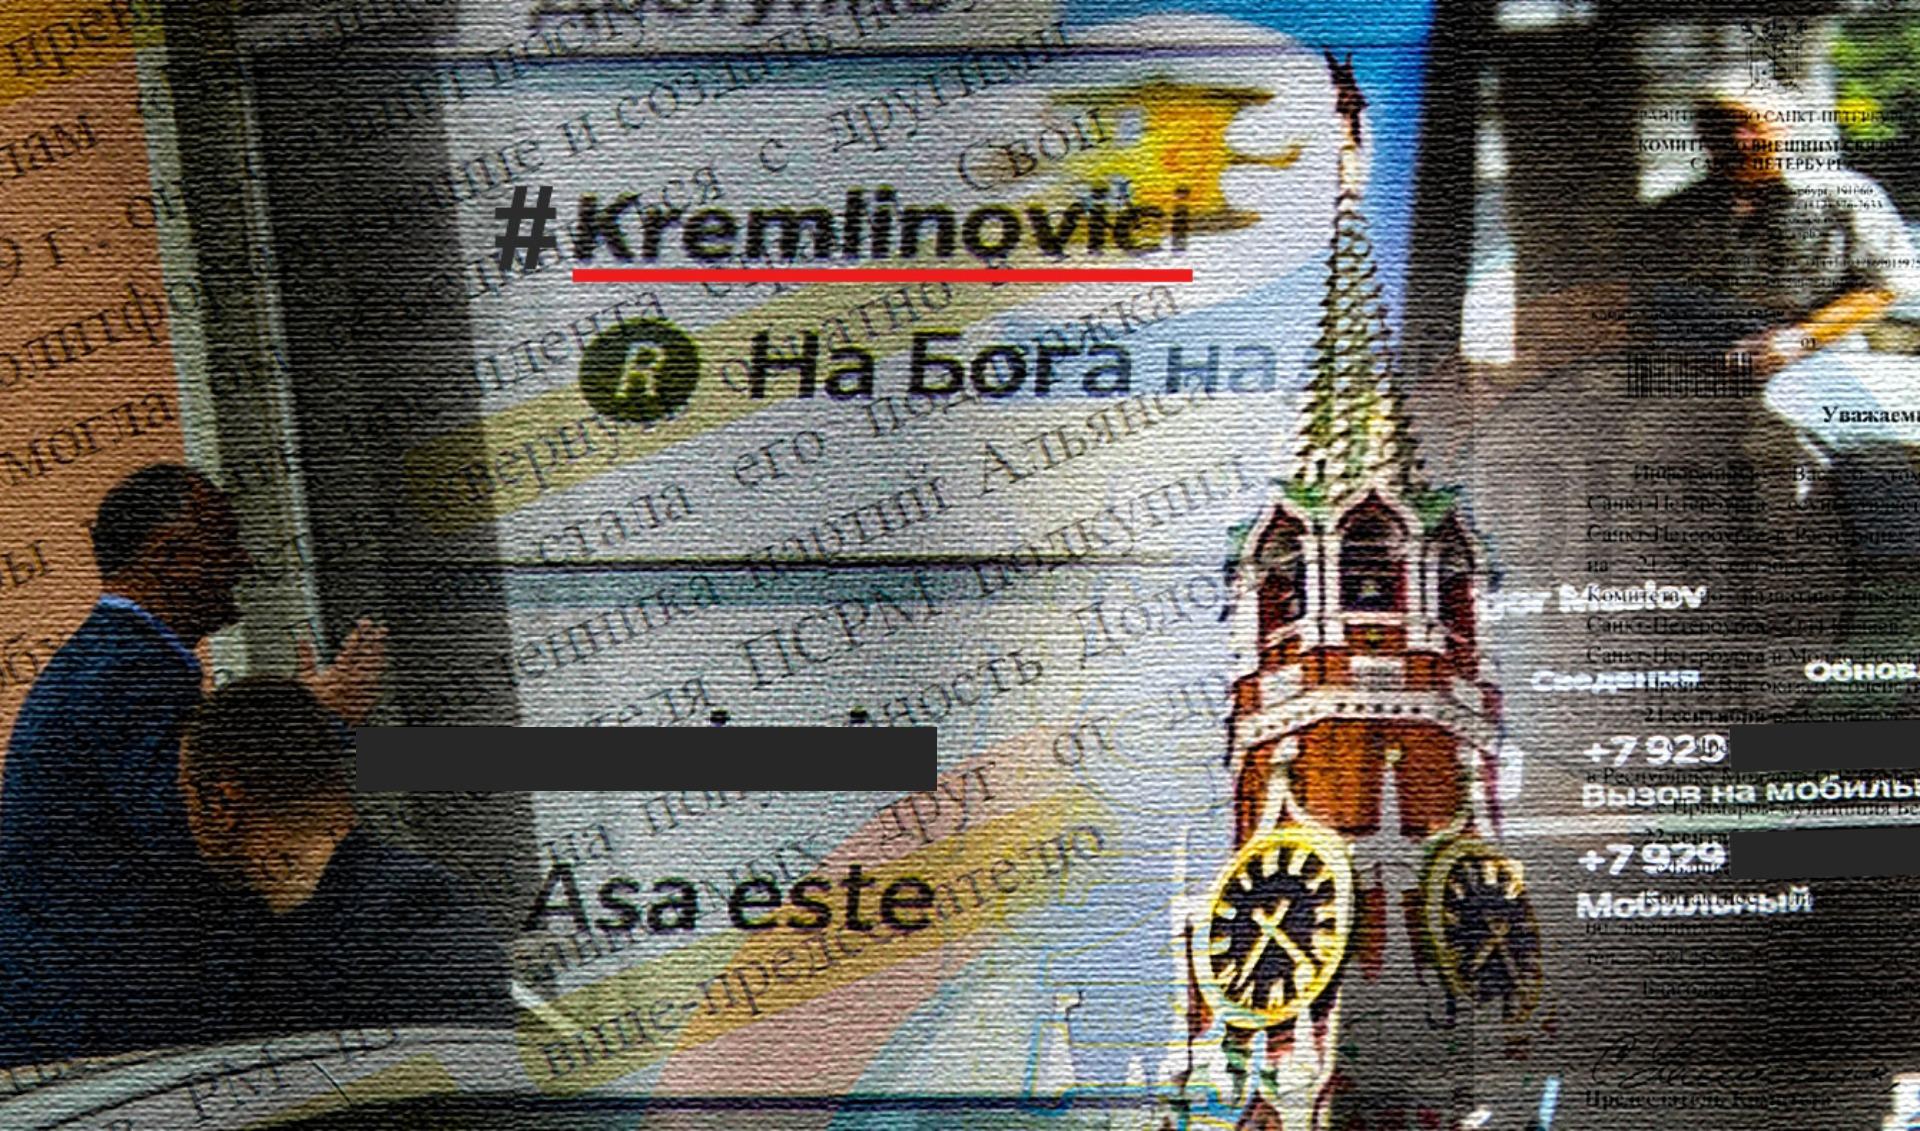 kremlinovici-story-1